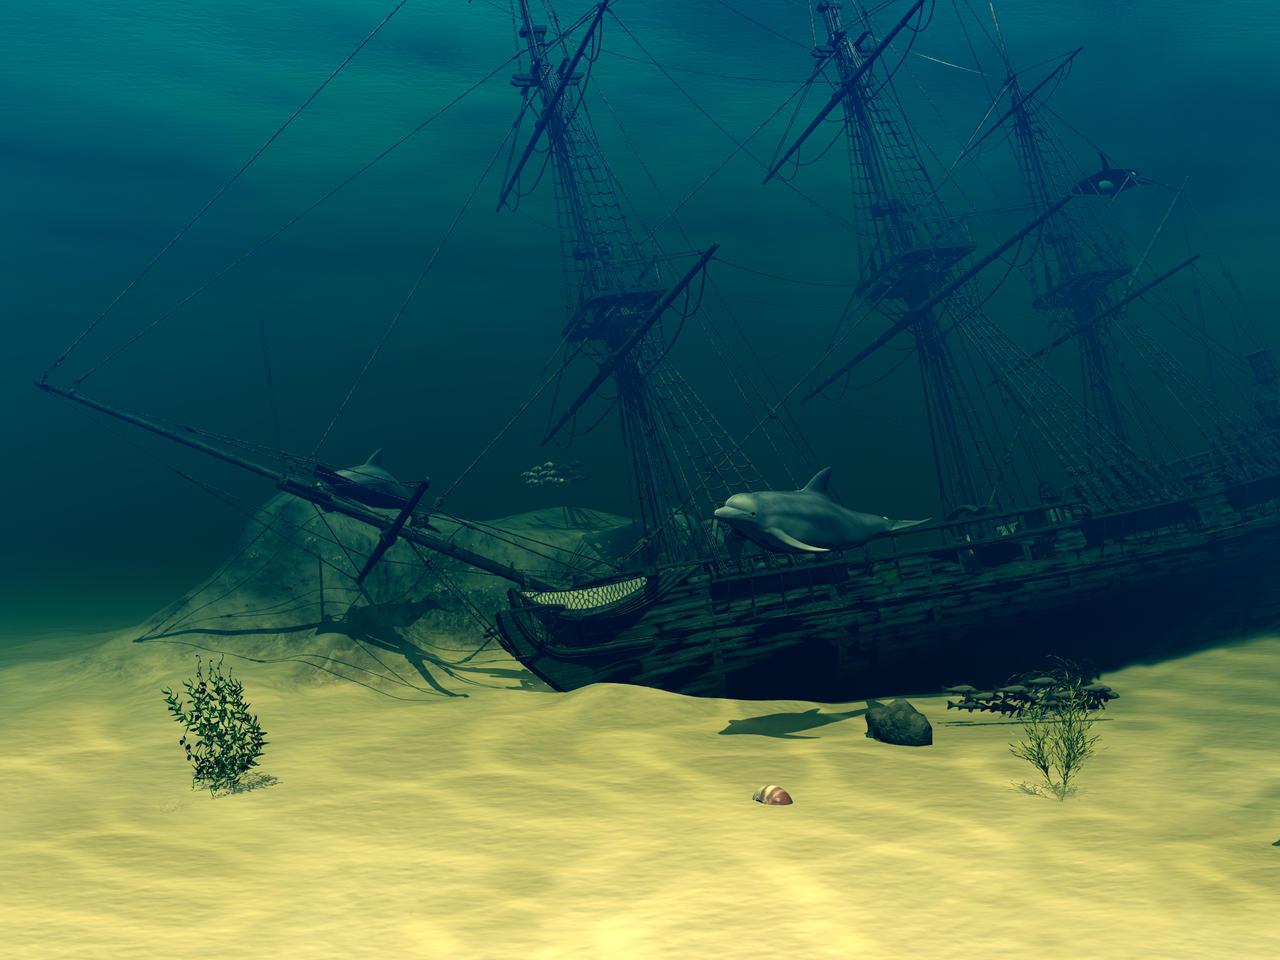 Sunken ship by moonchilde stock hd batık gemi masaüstü resimleri